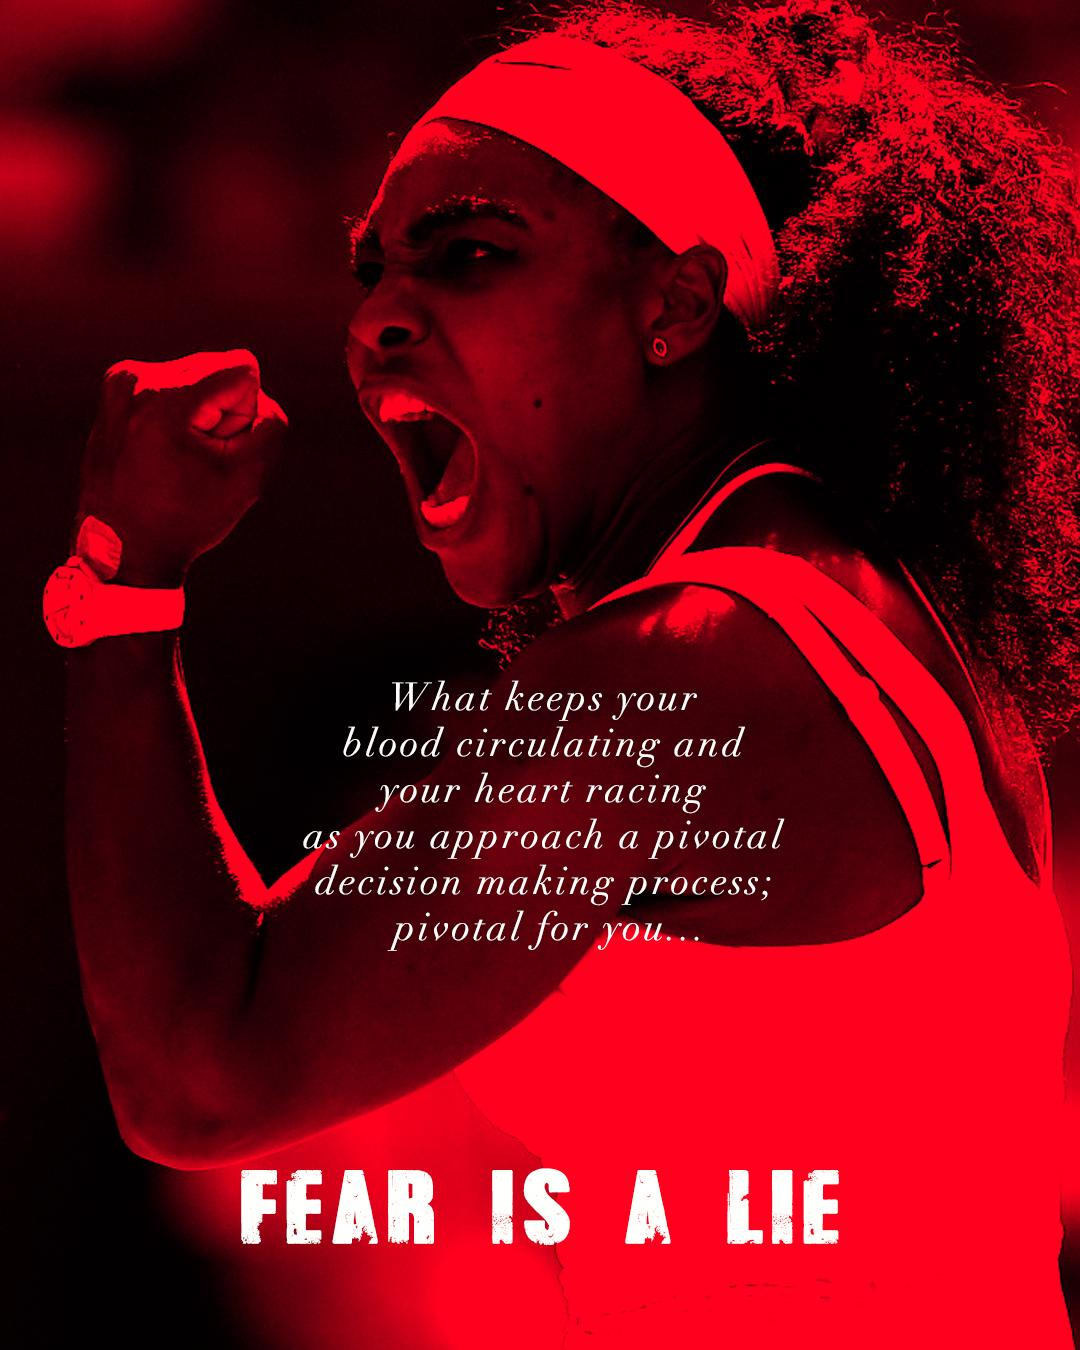 fear_is_a_lie_post6.jpg